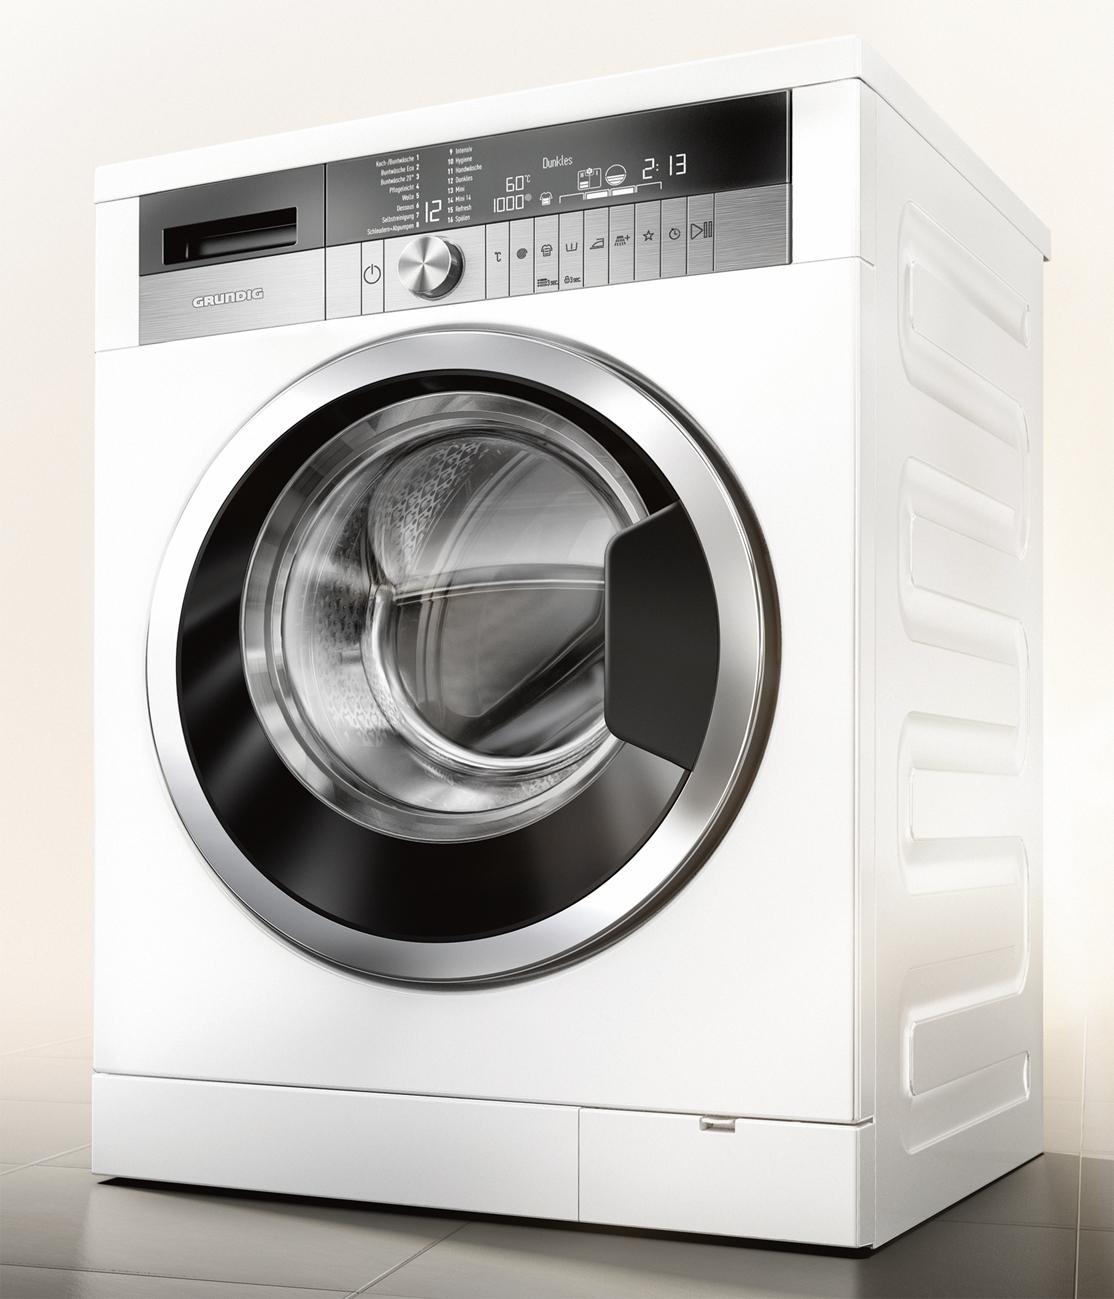 grundig waschmaschine gwn 58474 c mit multisense und prodose technologie. Black Bedroom Furniture Sets. Home Design Ideas